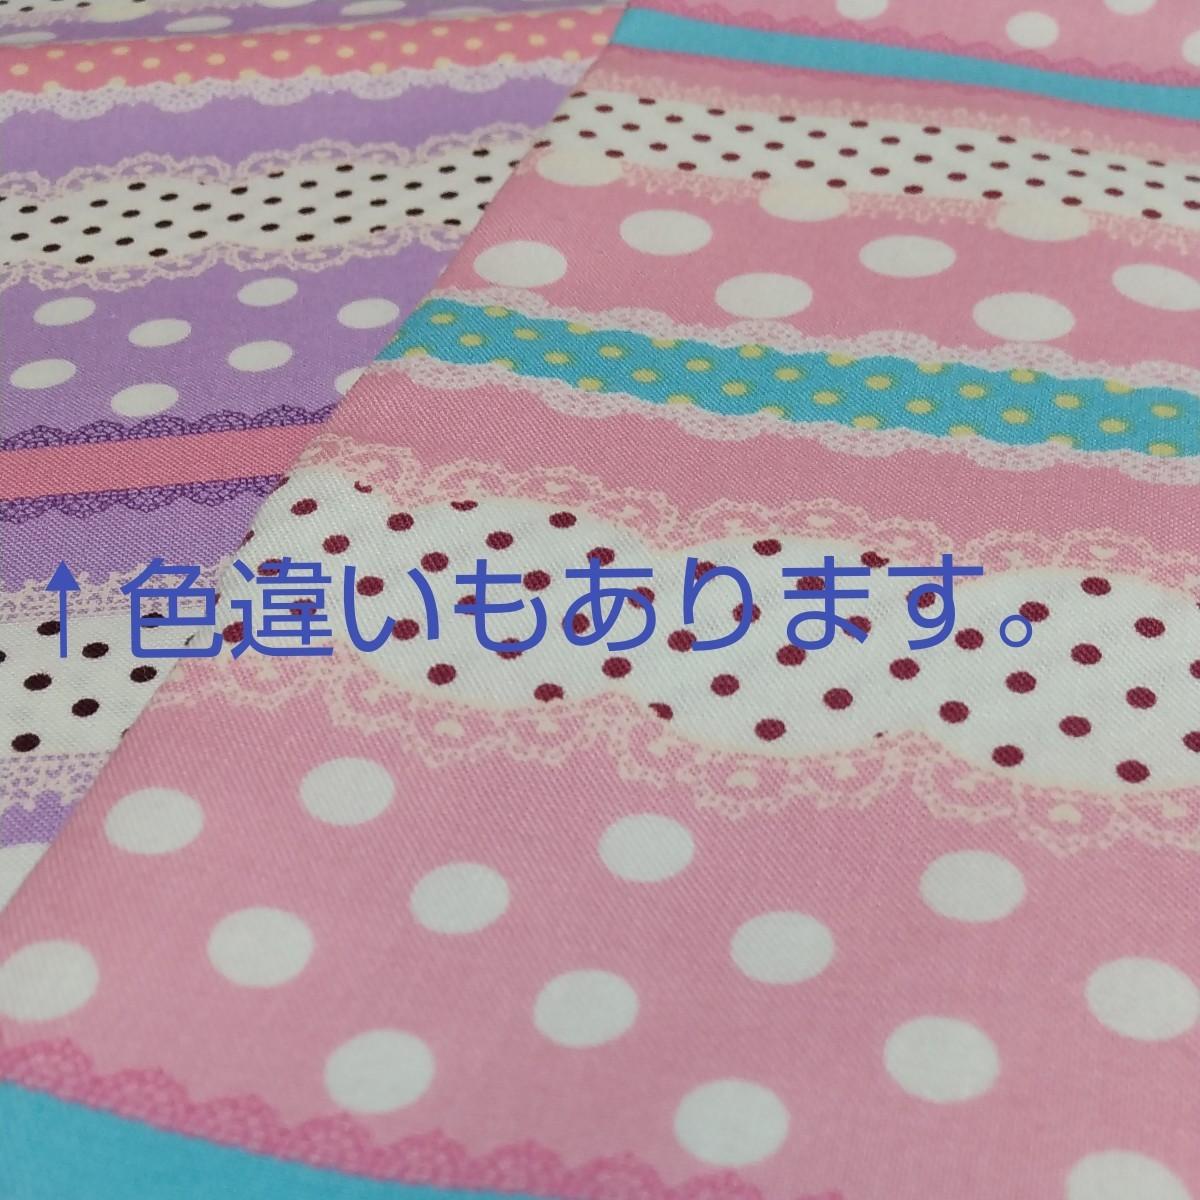 はぎれ 生地 ピンク 紫 各1枚